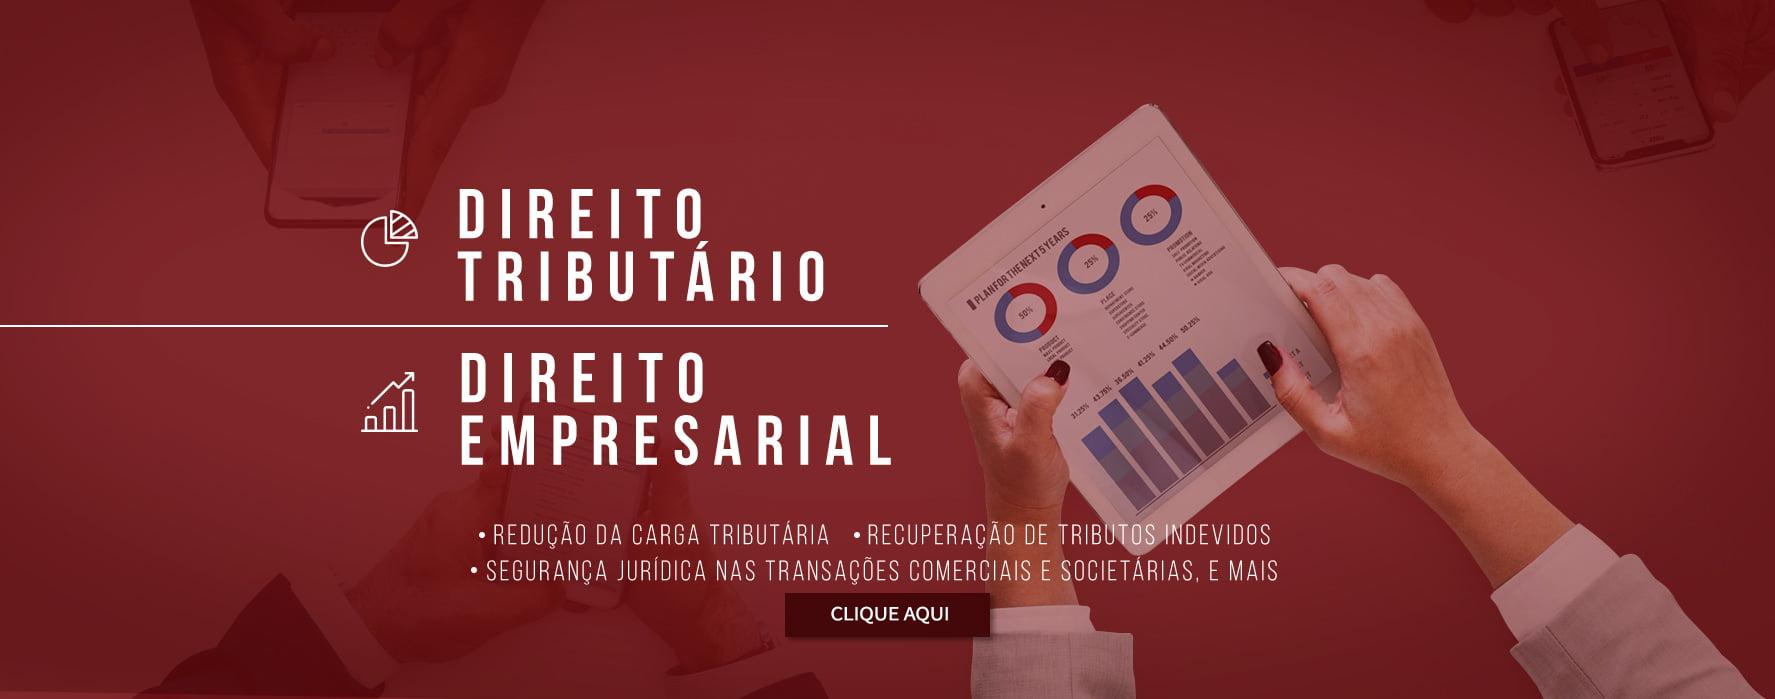 advogados Guarapuava - direito tributário e direito do empresarial